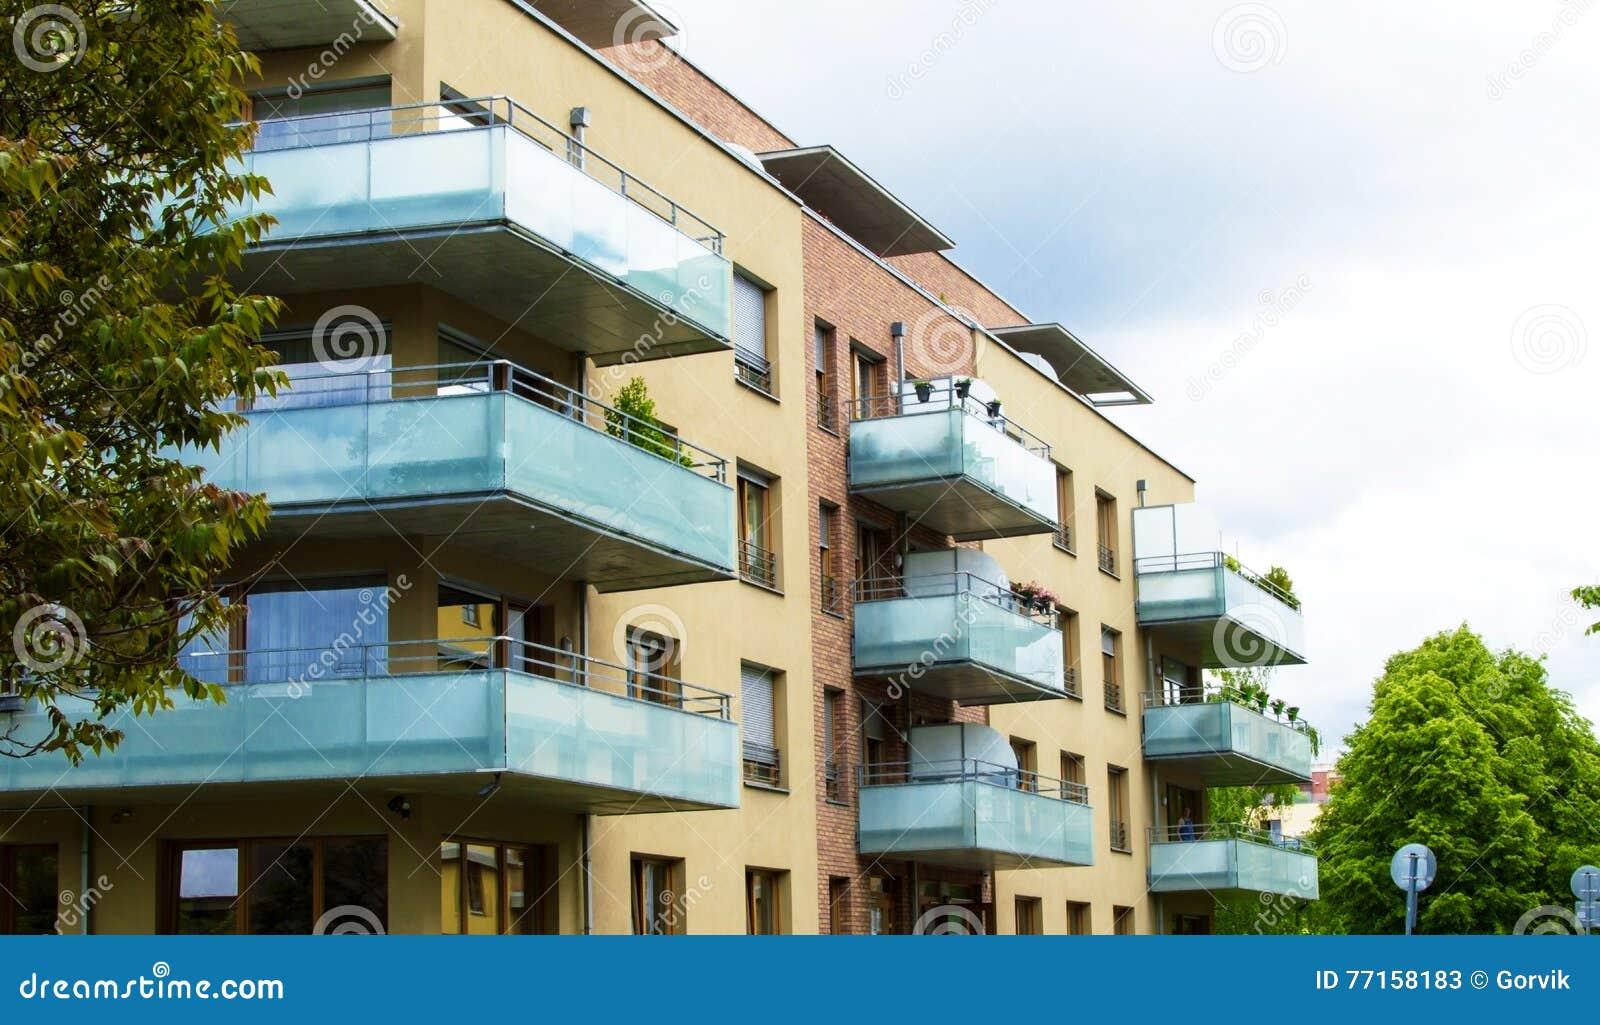 Balcon De Maison Le Balcon La Maison Moderne Simple Image